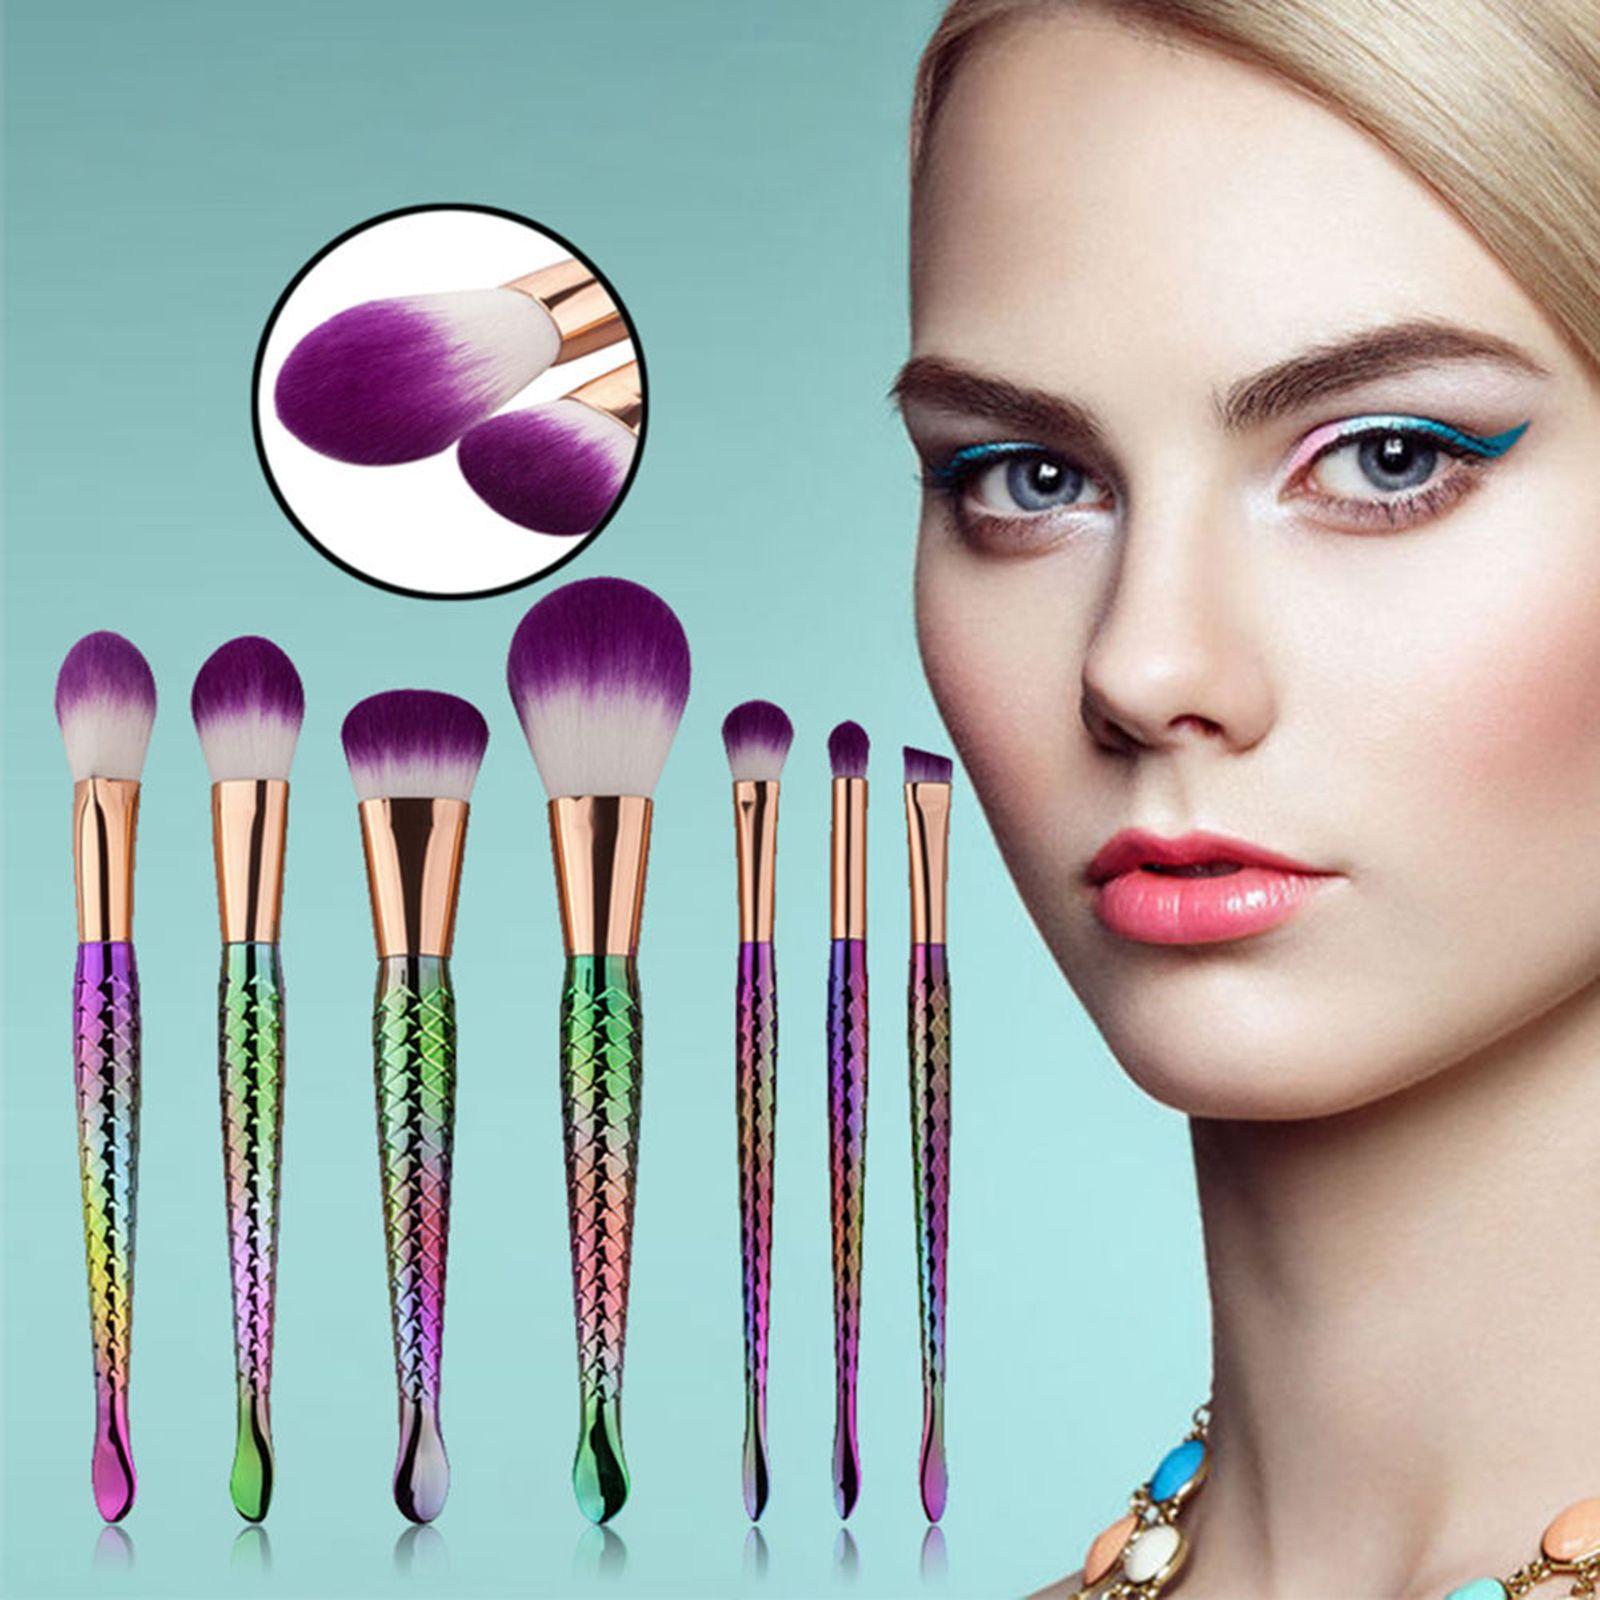 Vander Professional 7PCS Couleur Sirène Make Up Sourcils Eyeliner Blush Mélange Contour Foundation Cosmétique Maquillage Brosses Ensemble